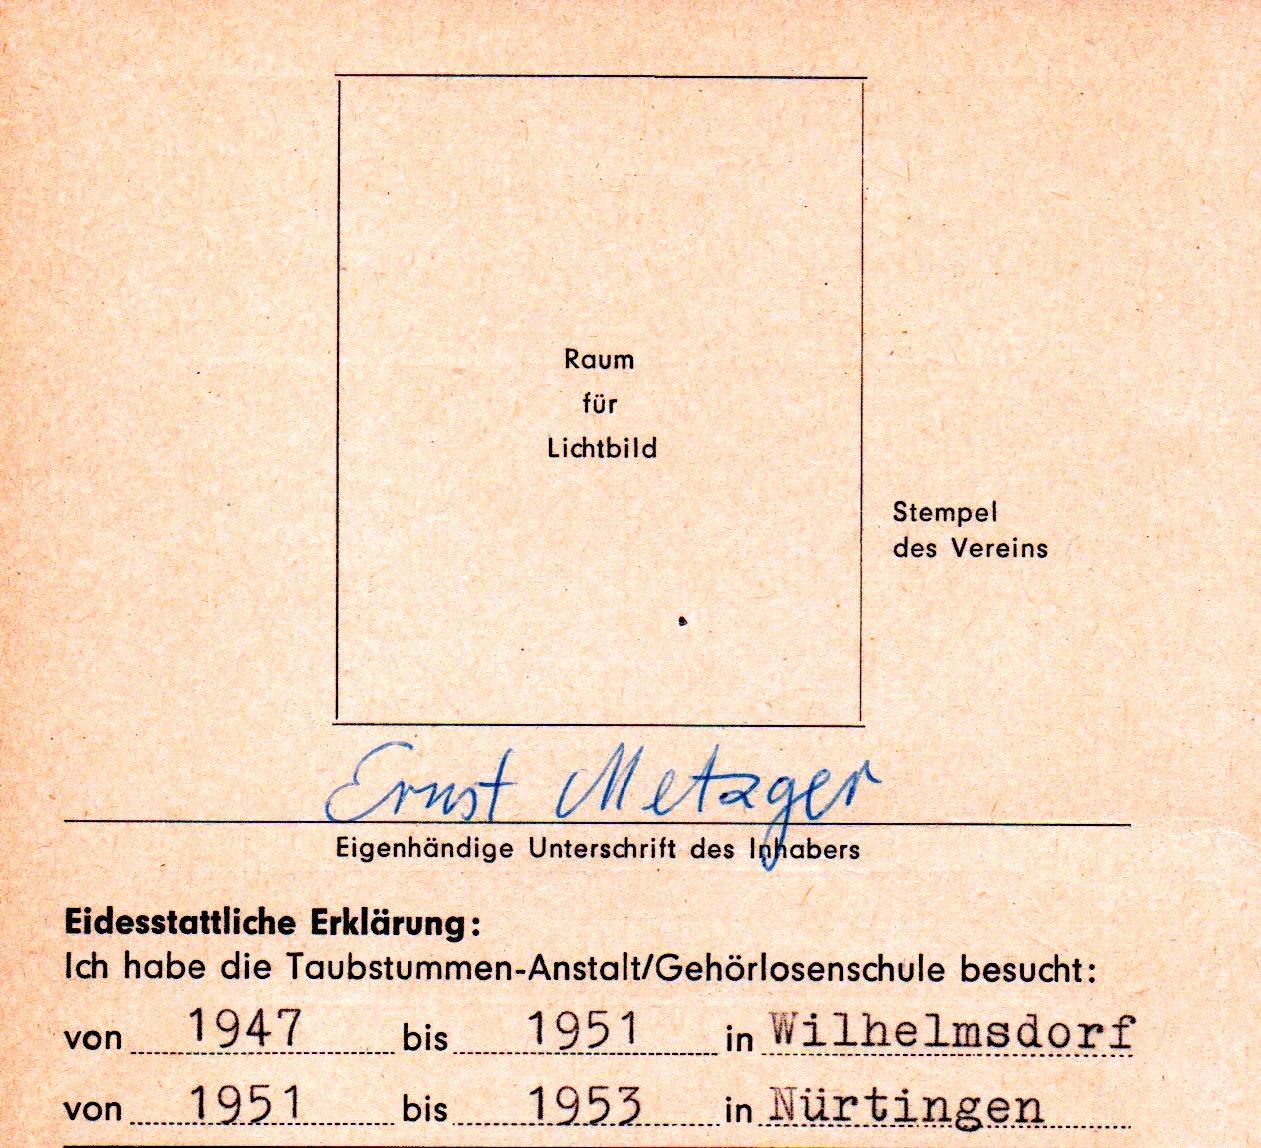 Ernst Metzger